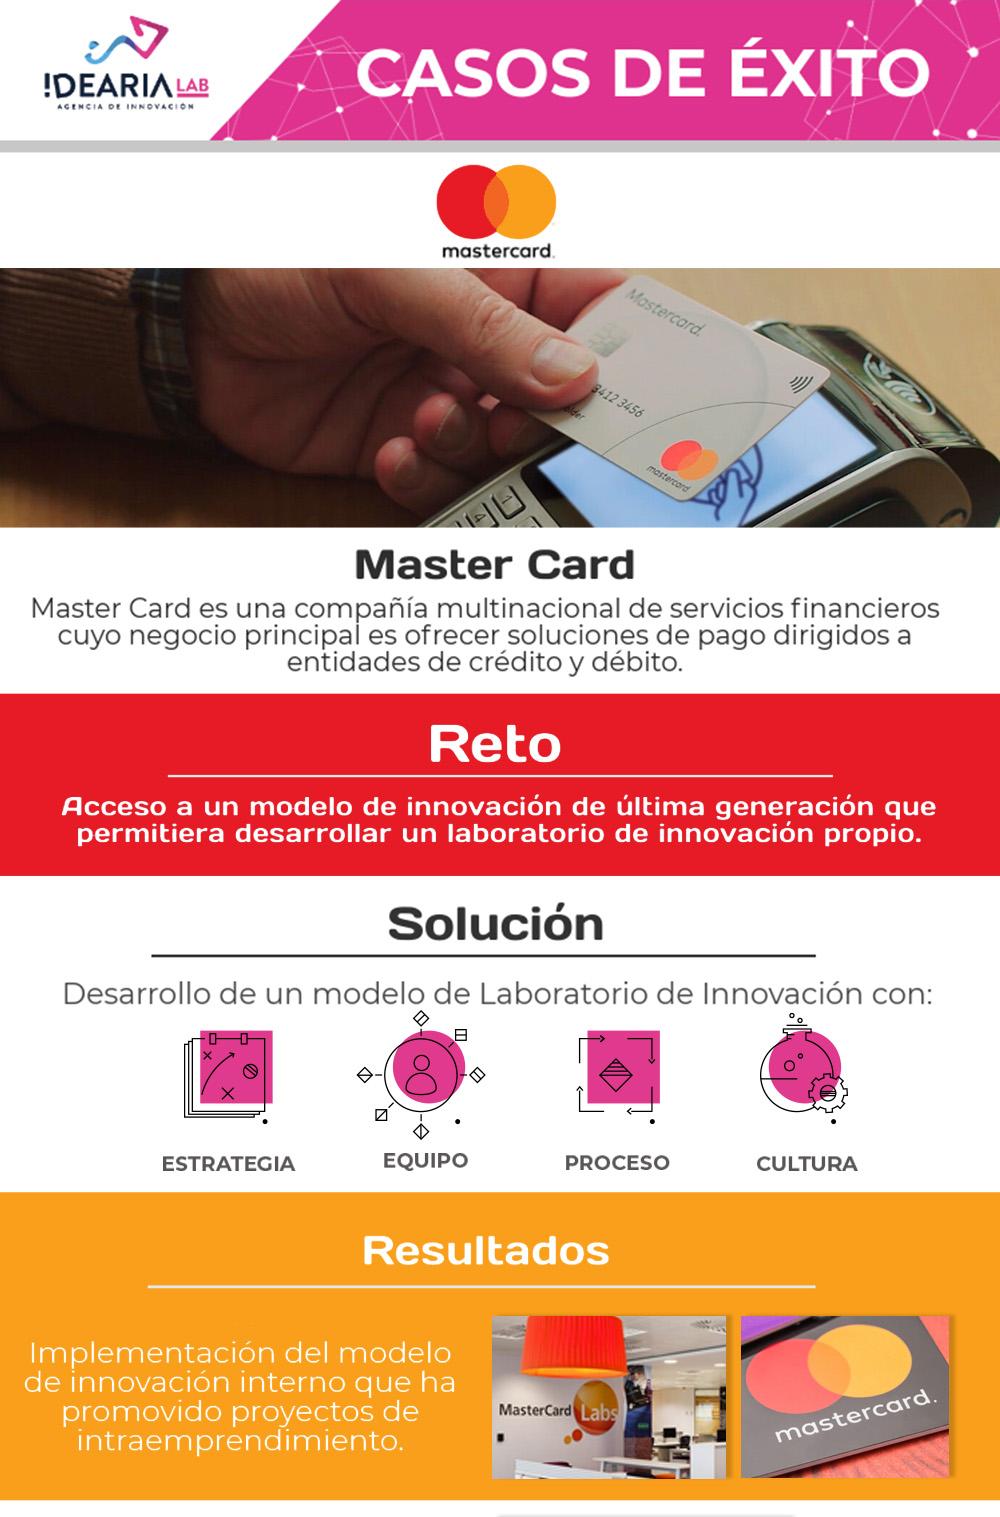 Master card disen%cc%83o